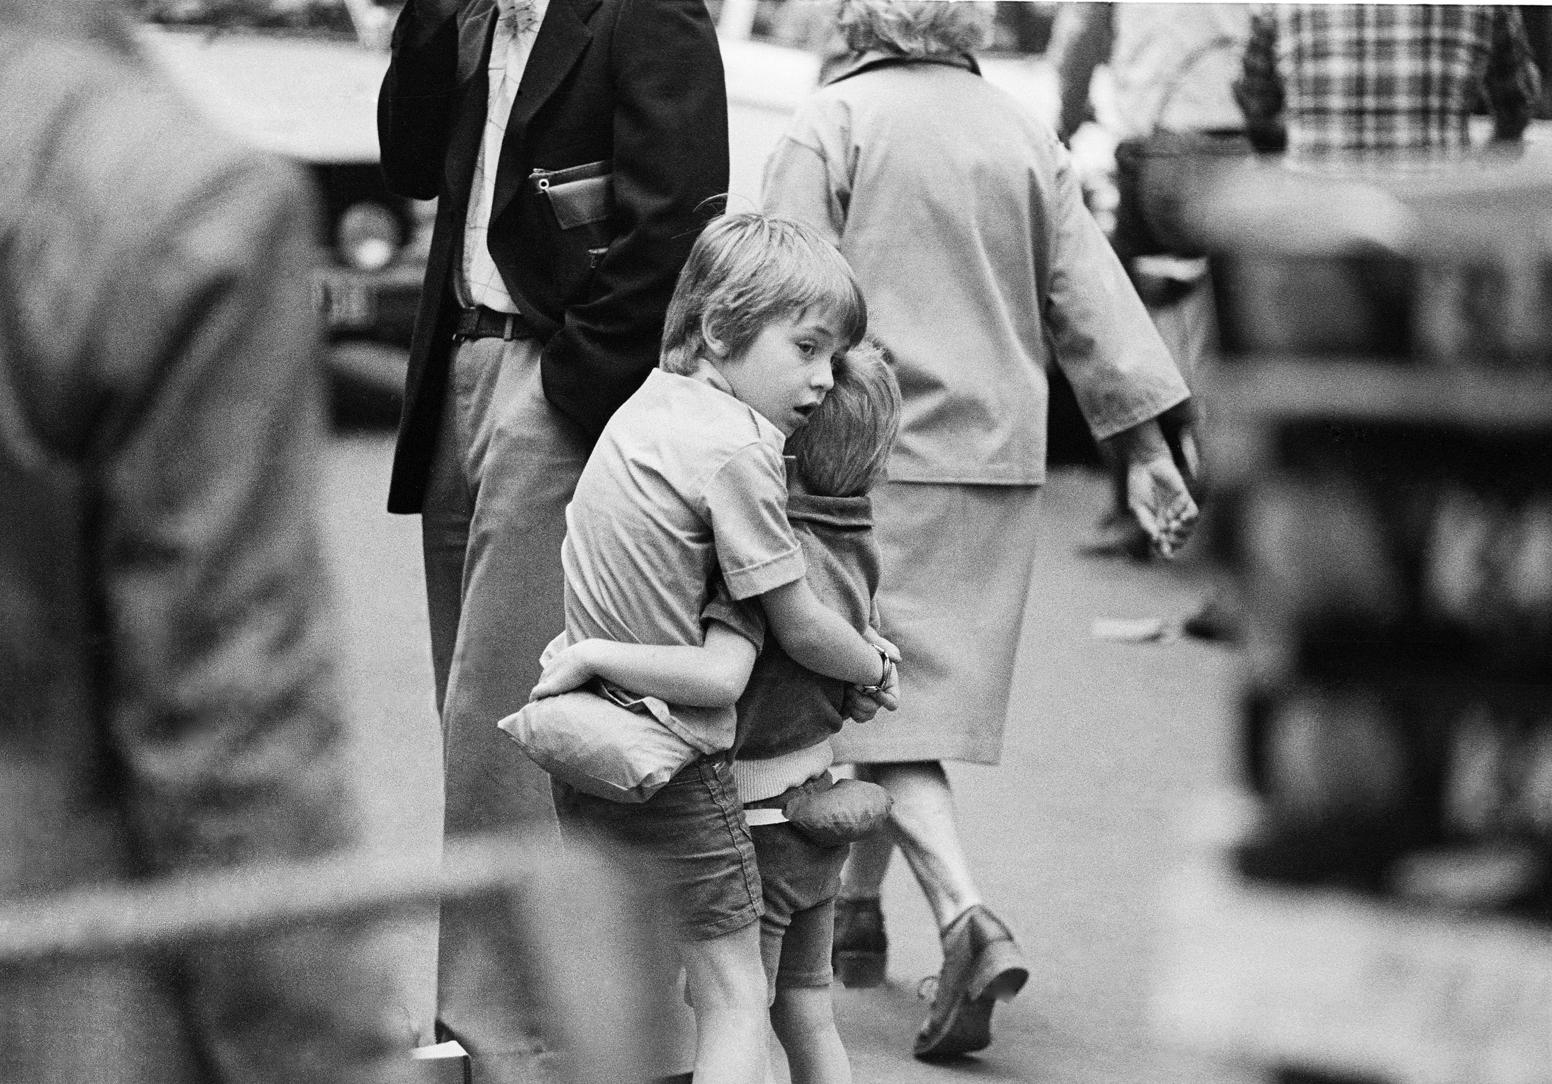 Les frères. 1978